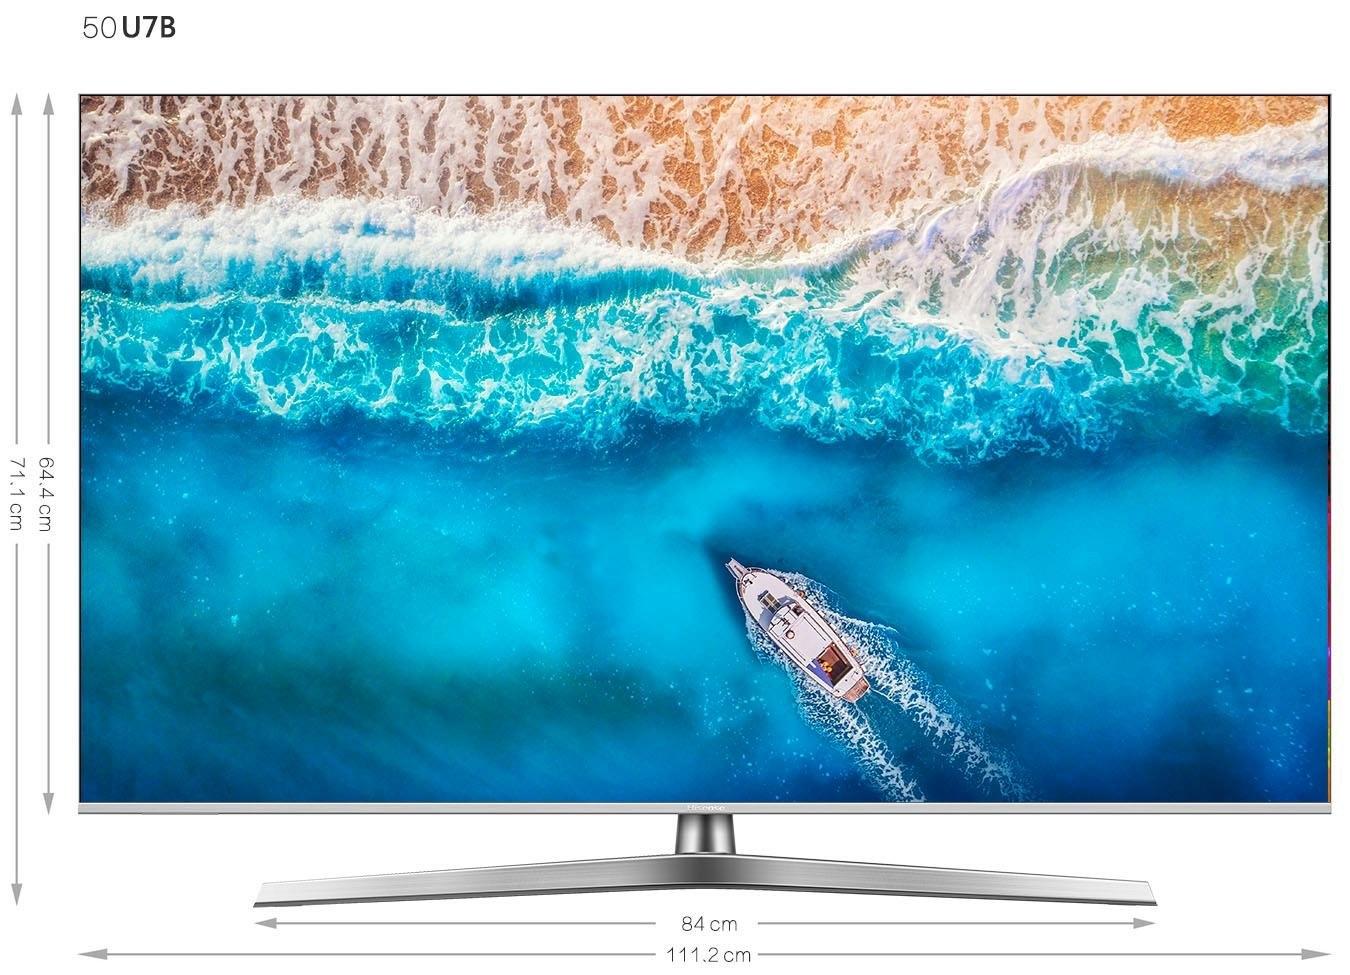 Hisense H50U7B led-tv (126 cm / 50 inch), 4K Ultra HD, smart-tv bestellen: 30 dagen bedenktijd